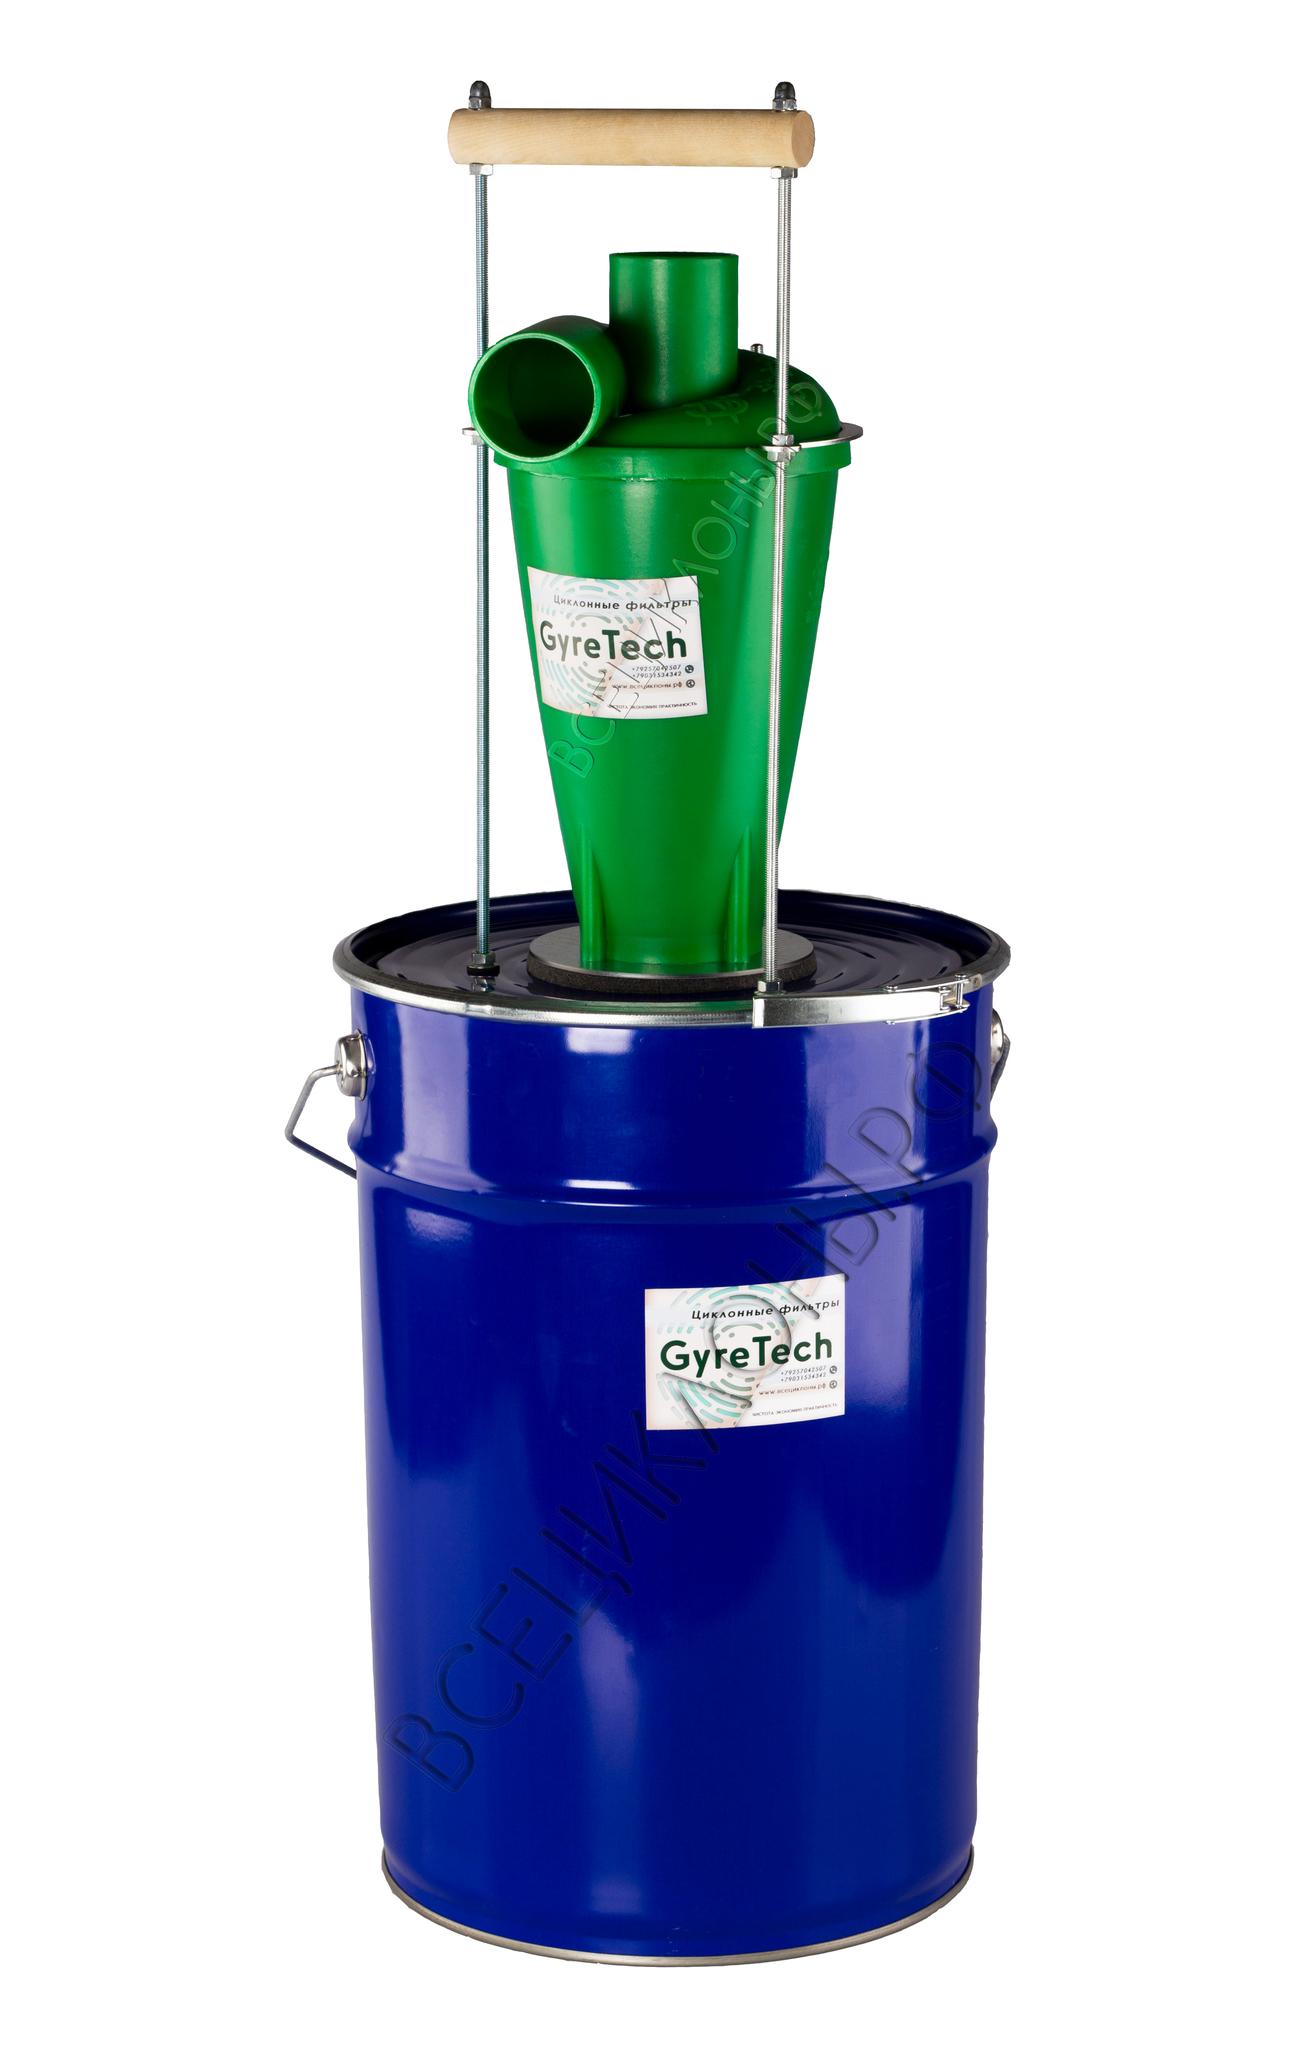 Скелетный крепёж для циклона М-2, пылесборник и циклонный фильтр продаются отдельно